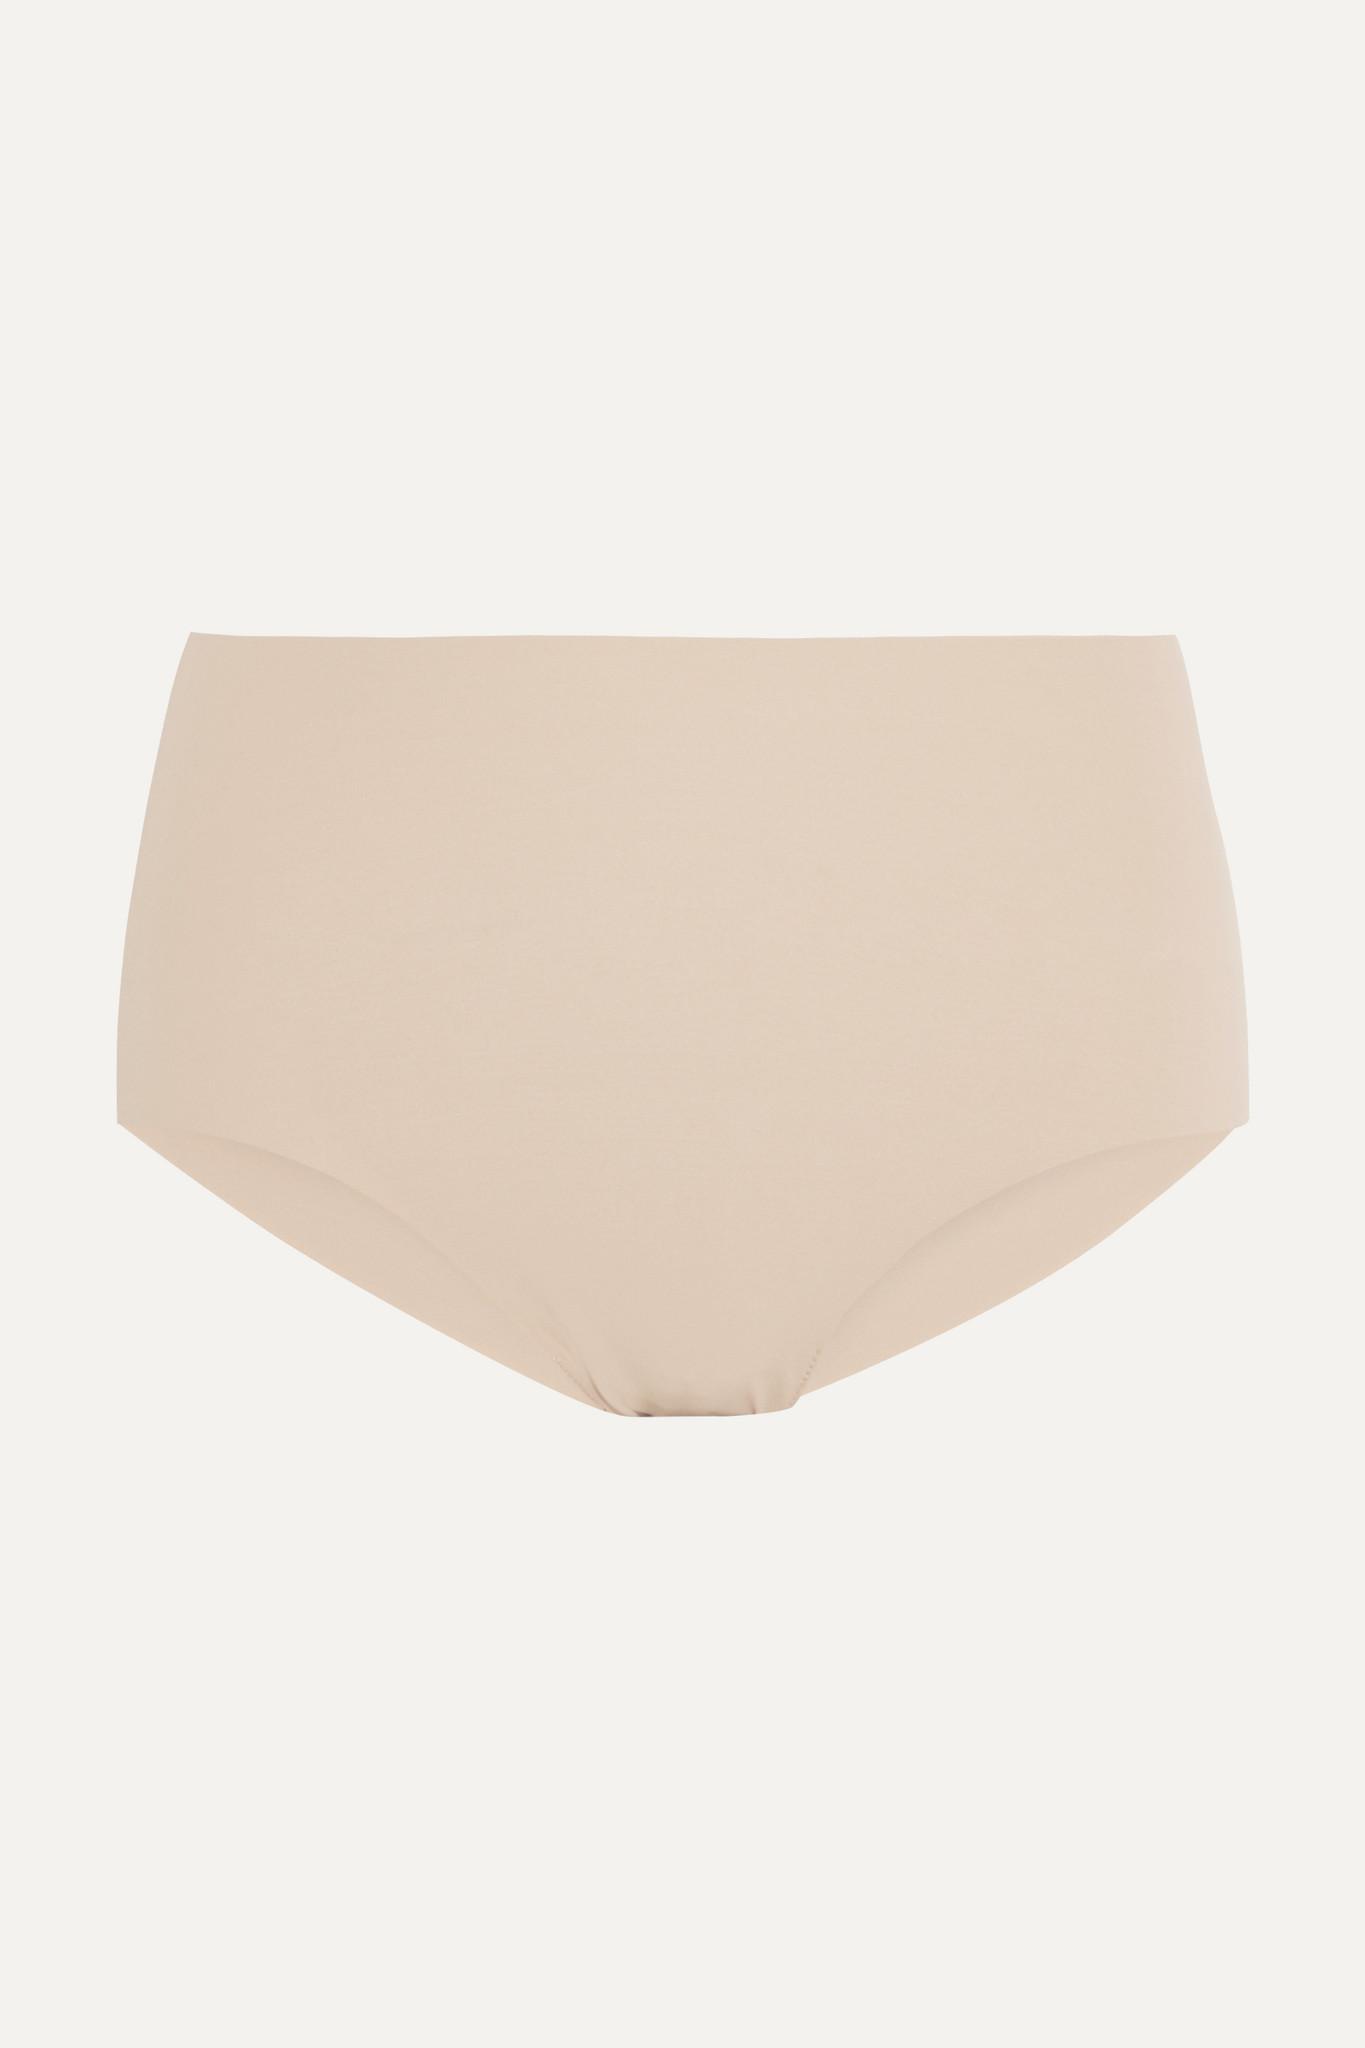 Commando 这款柔软的 沙色 三角裤采用高腰剪裁,可为你打造出丰满美臀和修长美腿。这条隐形无痕单品是贴身连衣裙和半身裙的理想打底之选。